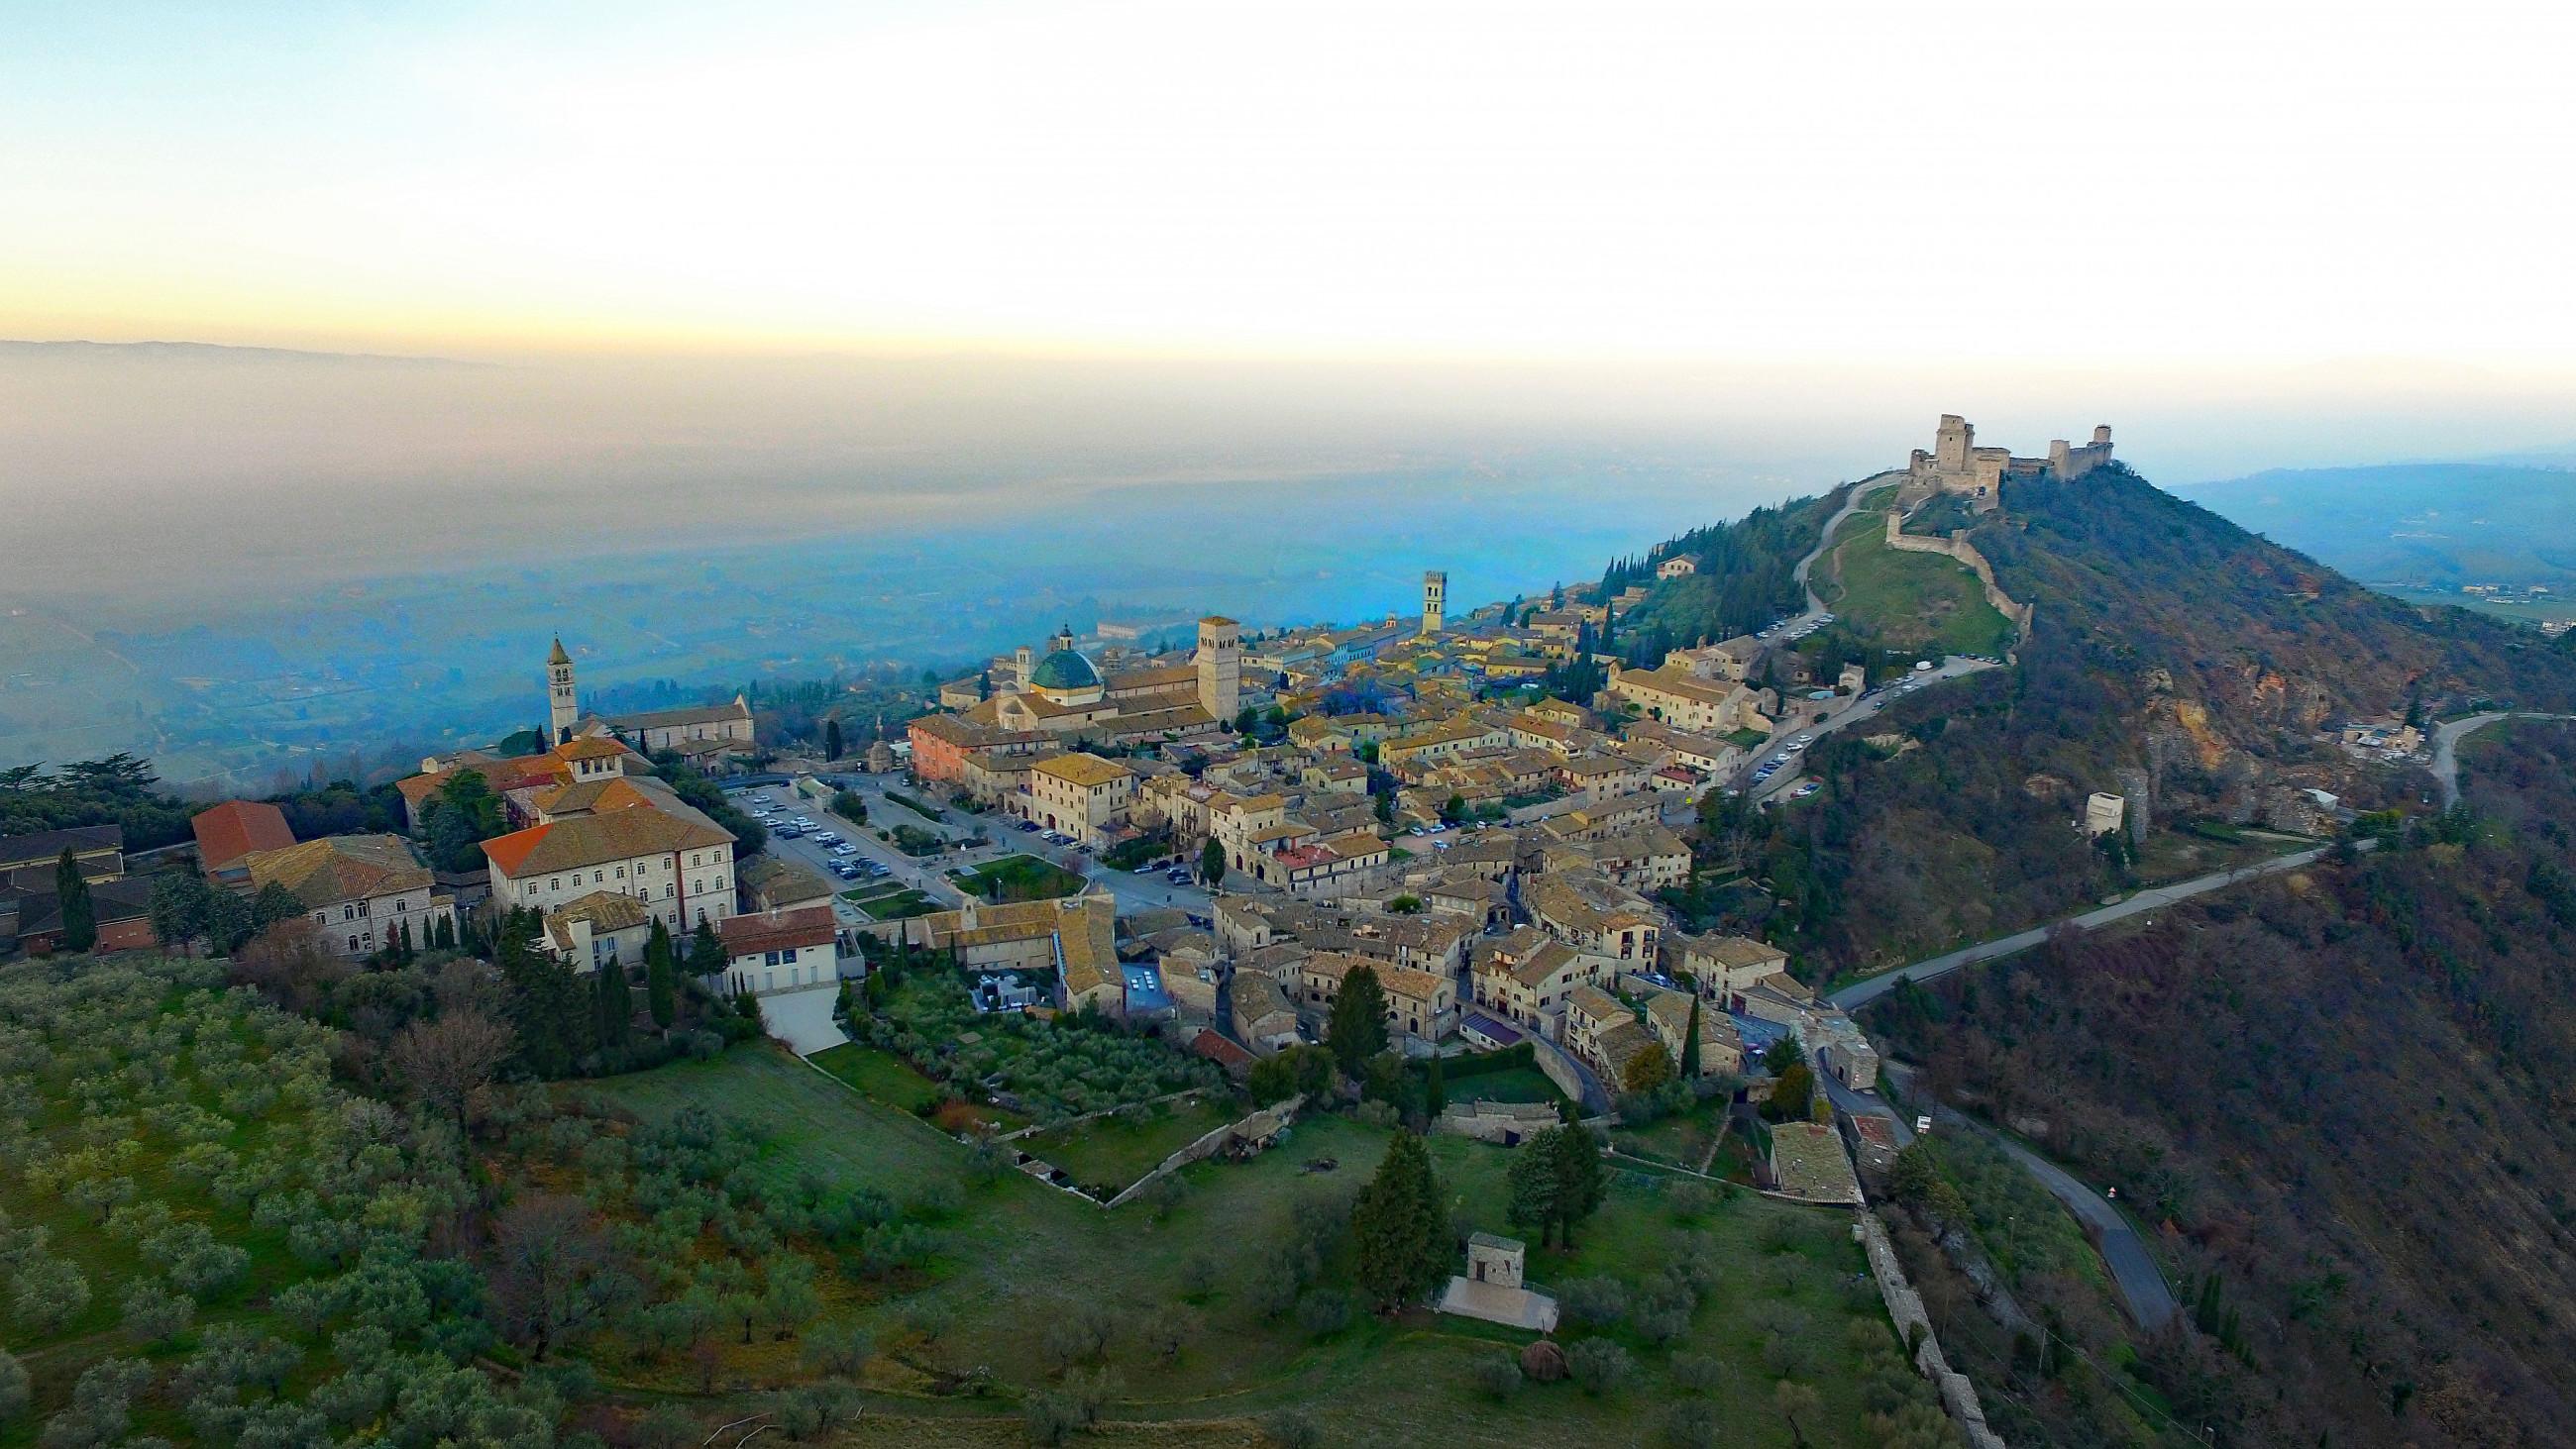 Scorcio di Assisi dall'alto